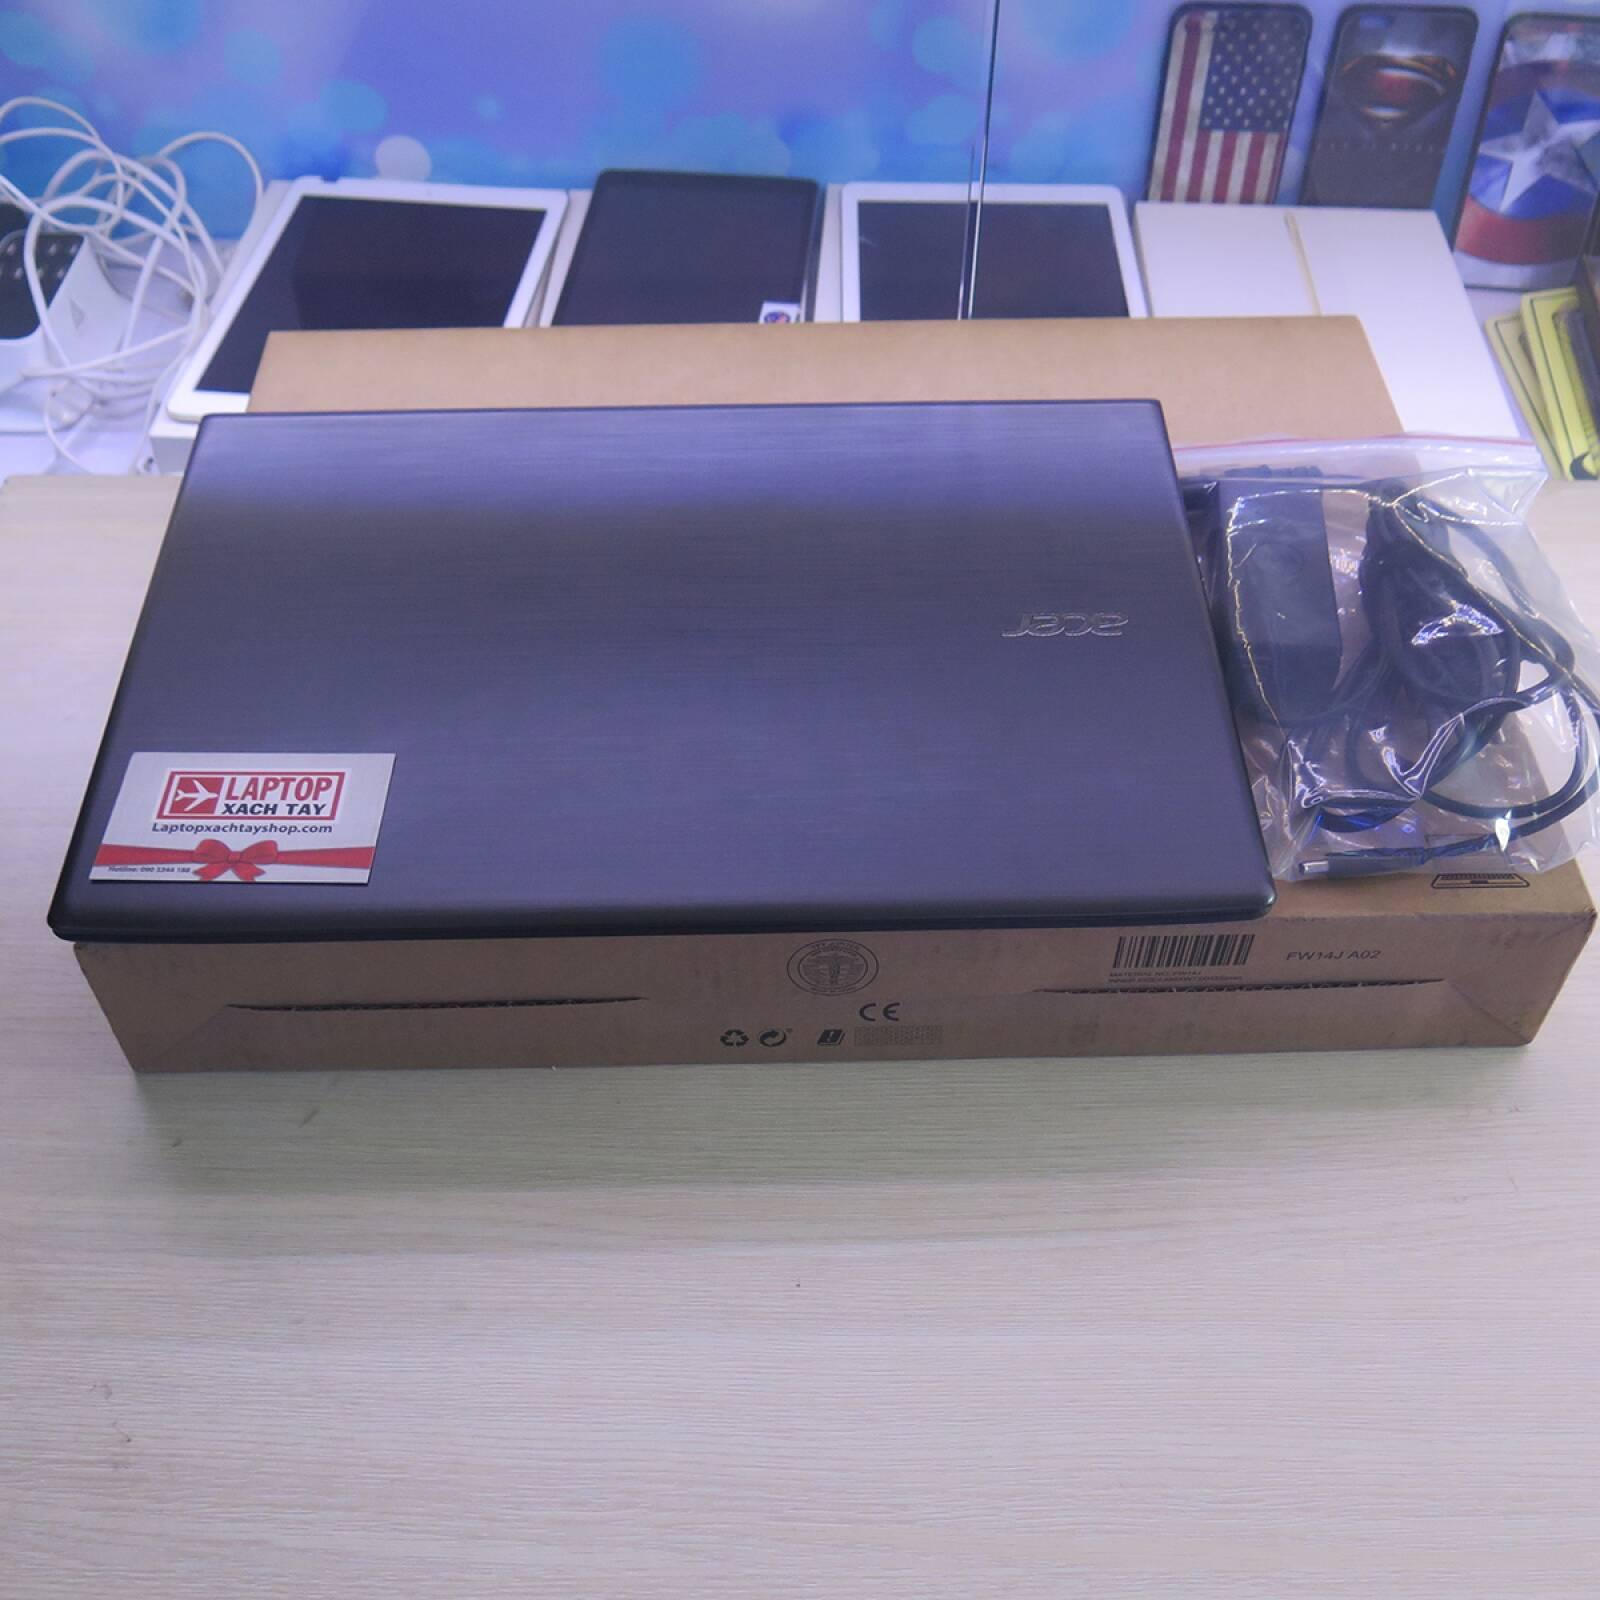 Acer Aspire E5 575 I5 7200U 4Gb 500Gb 940MX VGA FHD